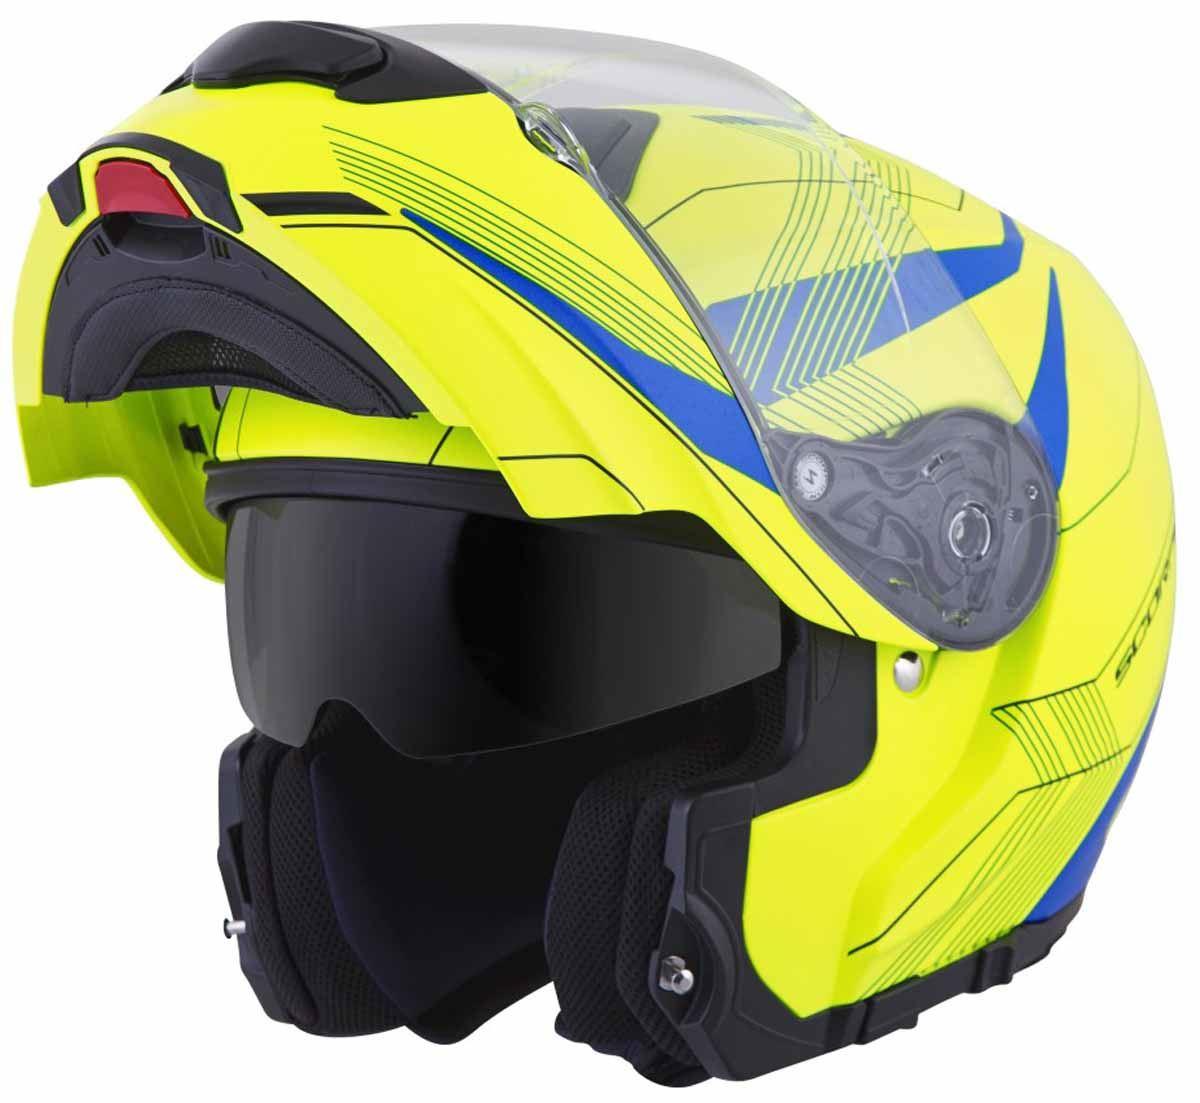 Scorpion-EXO-GT3000-Helmet-Modular-Flip-Up-Premium-DOT-Approved-XS-2XL miniature 28